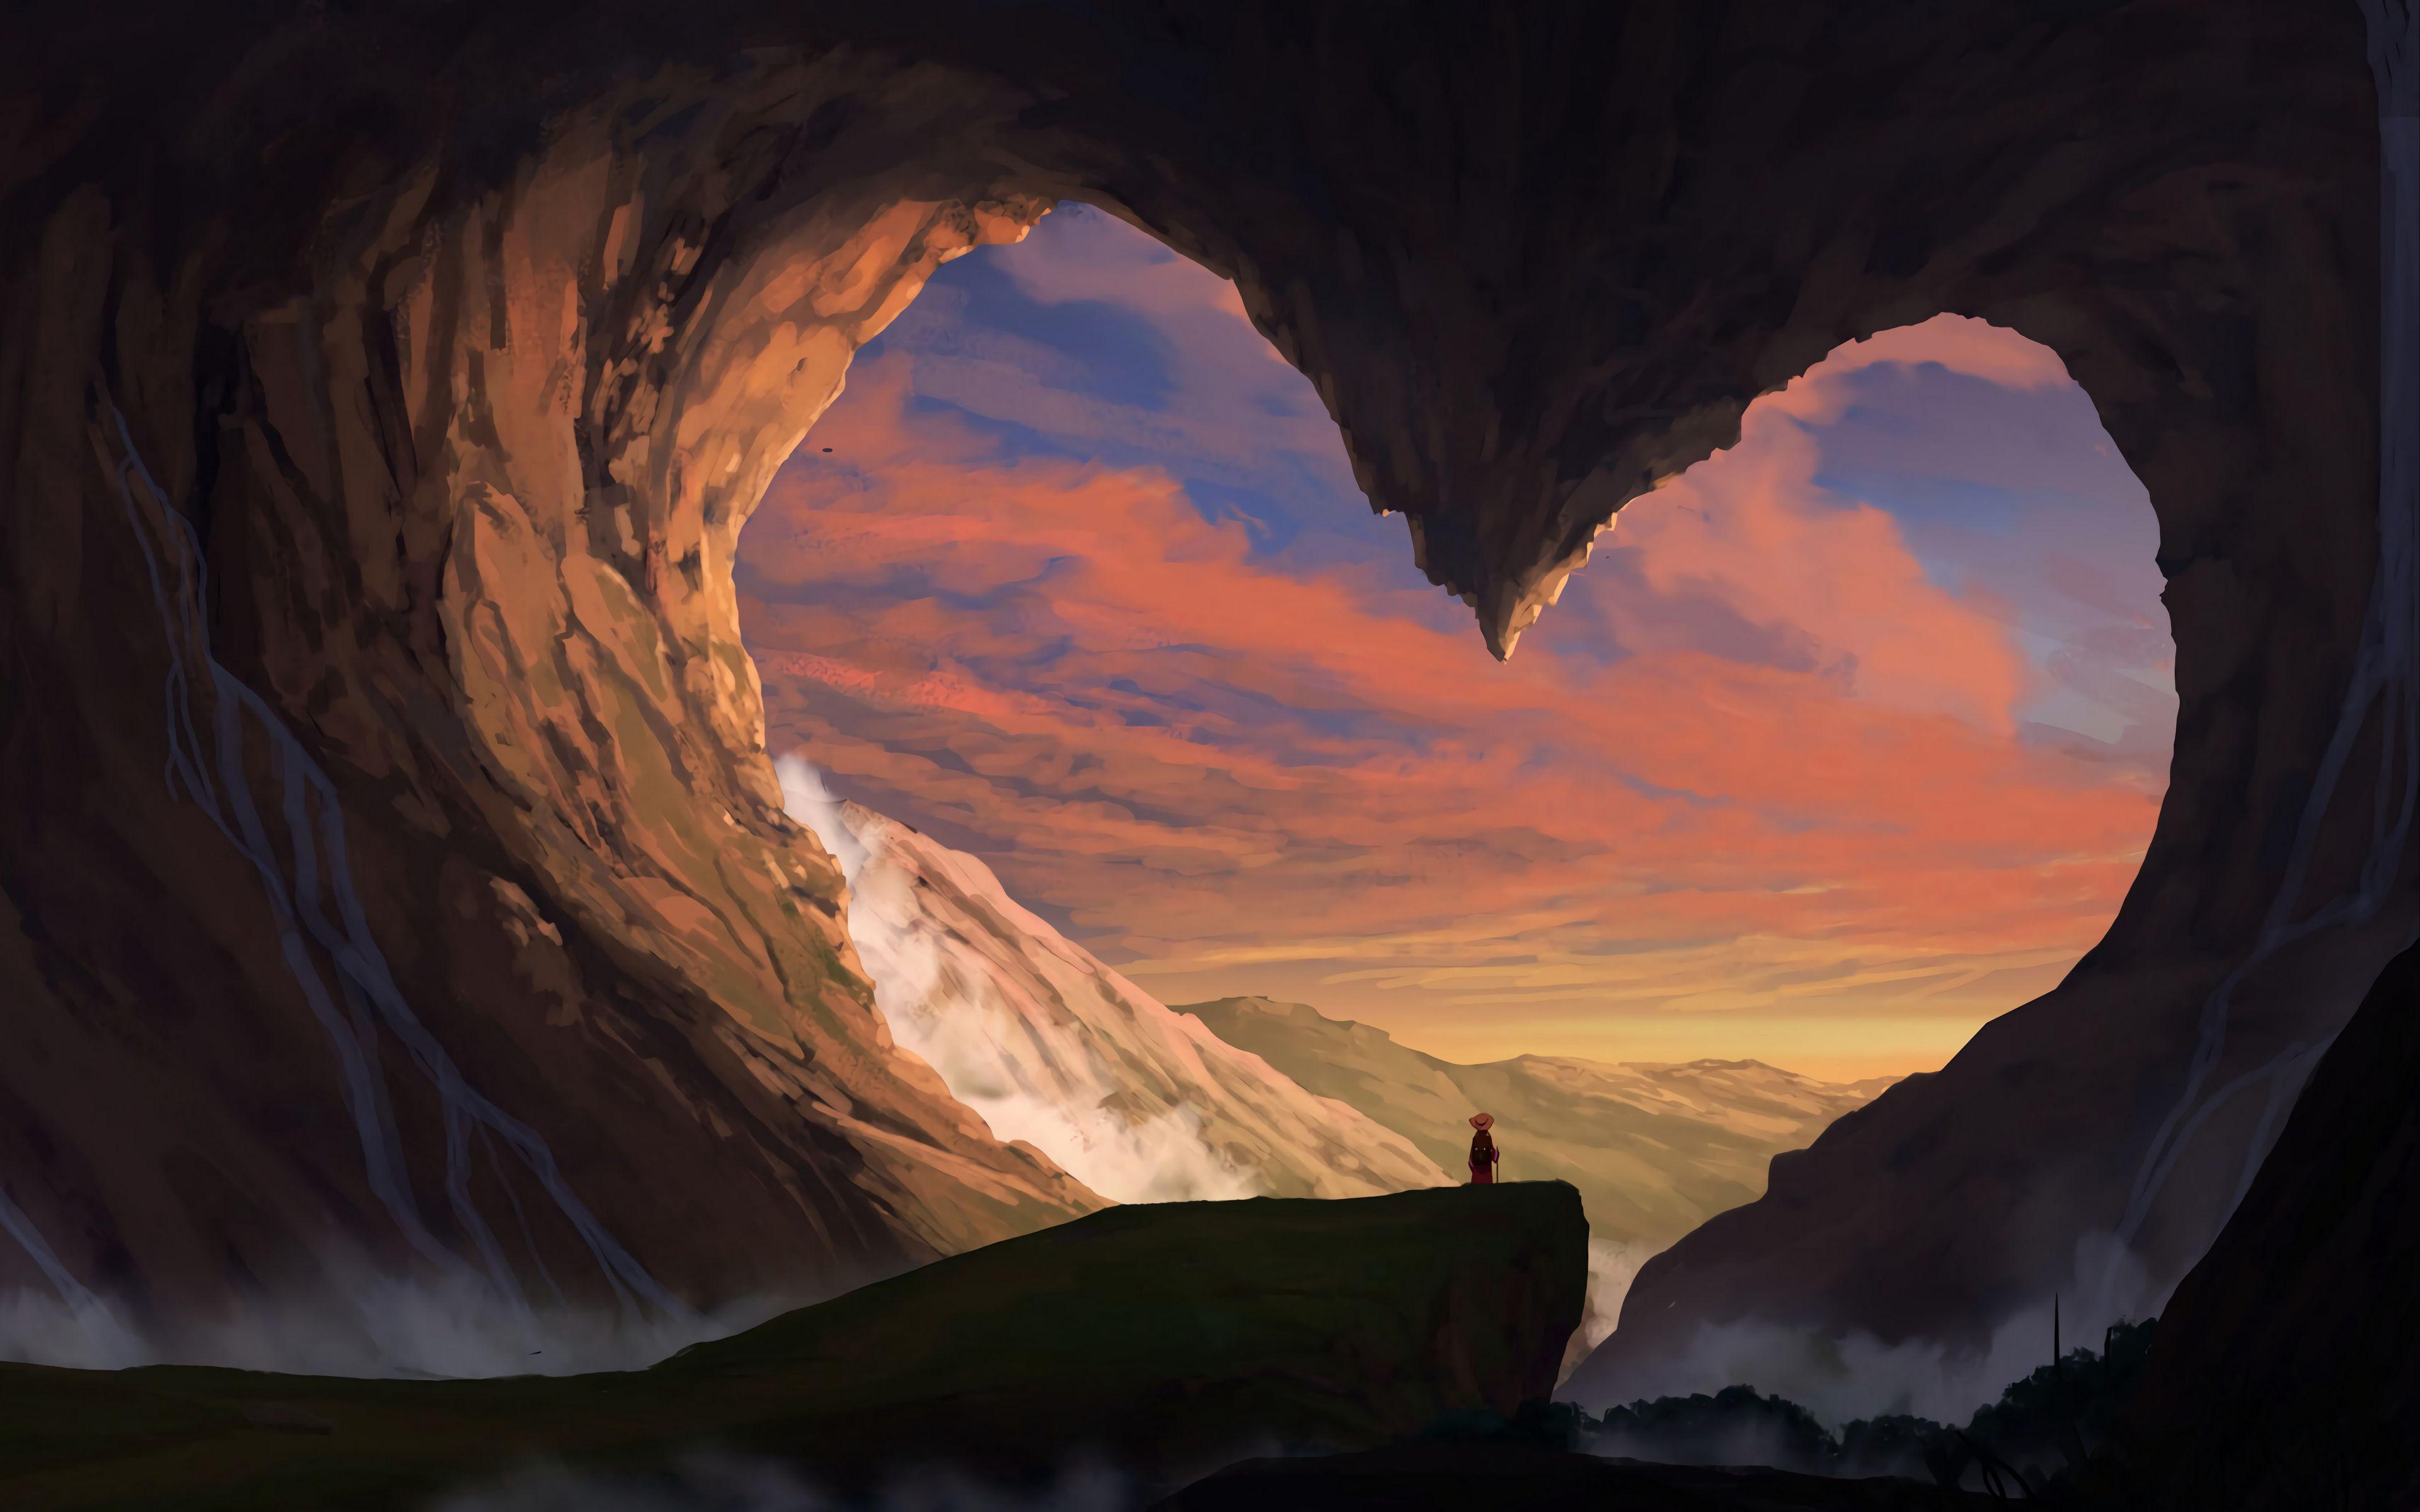 Fondos de pantalla Cueva en forma de corazón Artwork